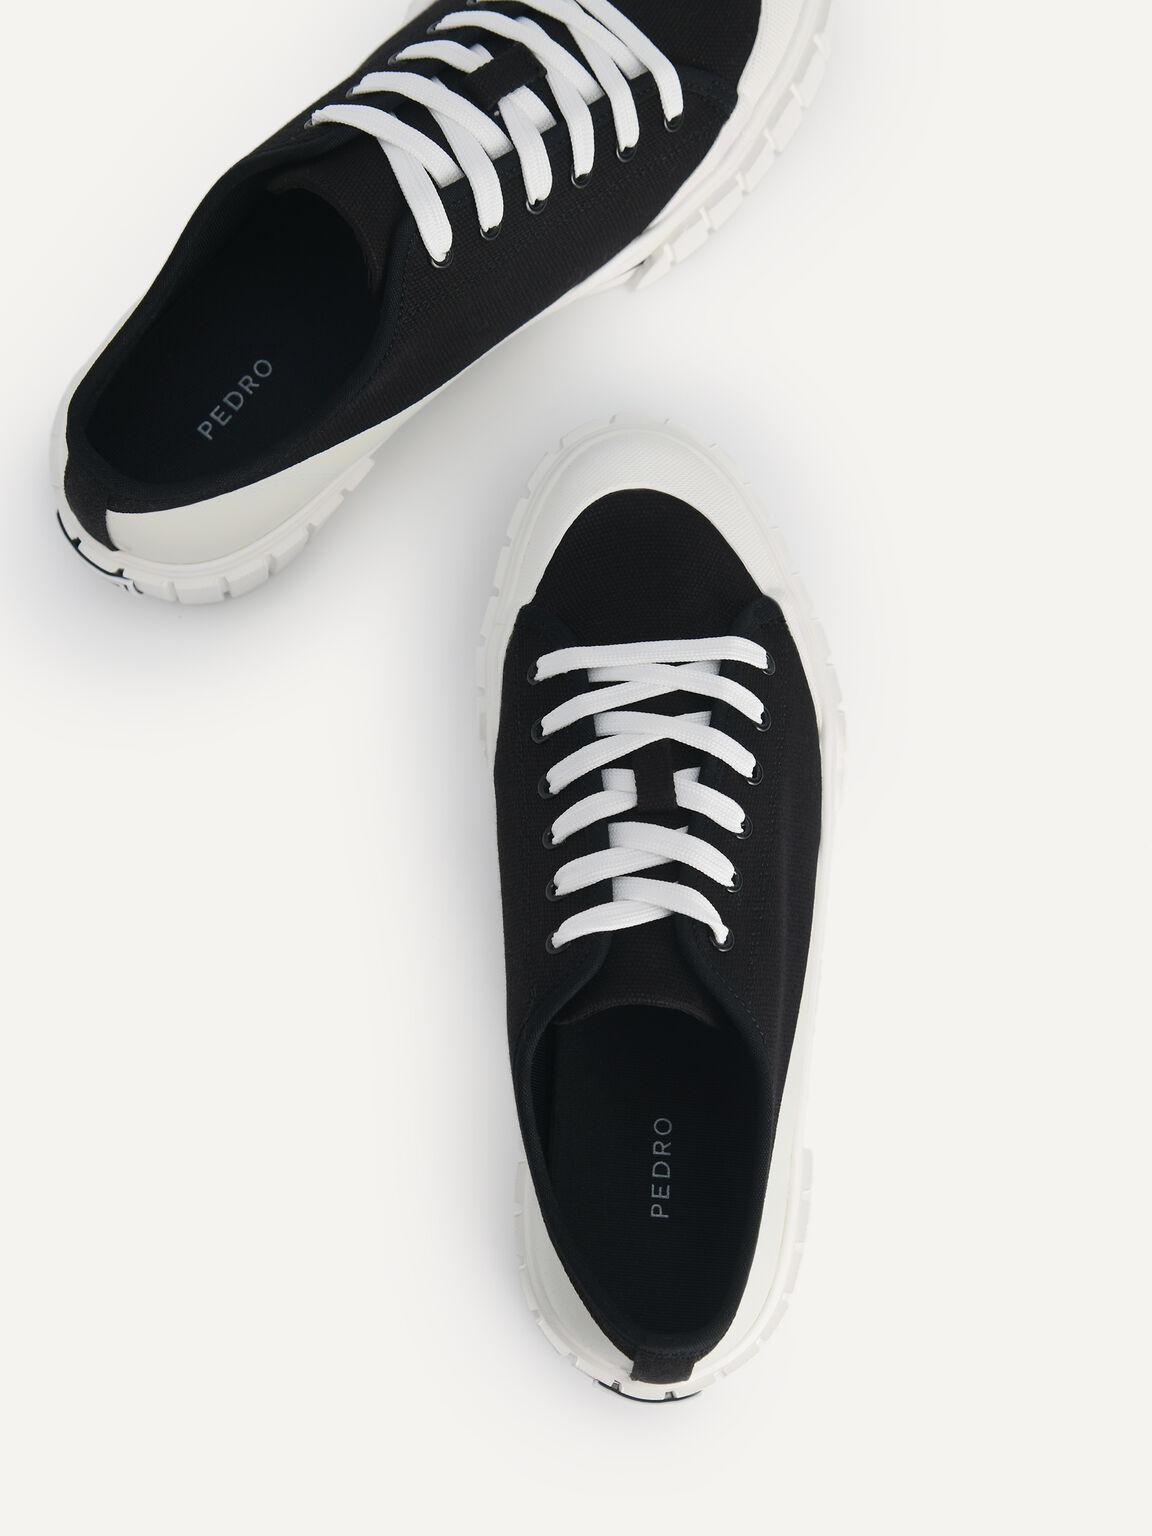 rePEDRO Beat Sneakers, Black, hi-res